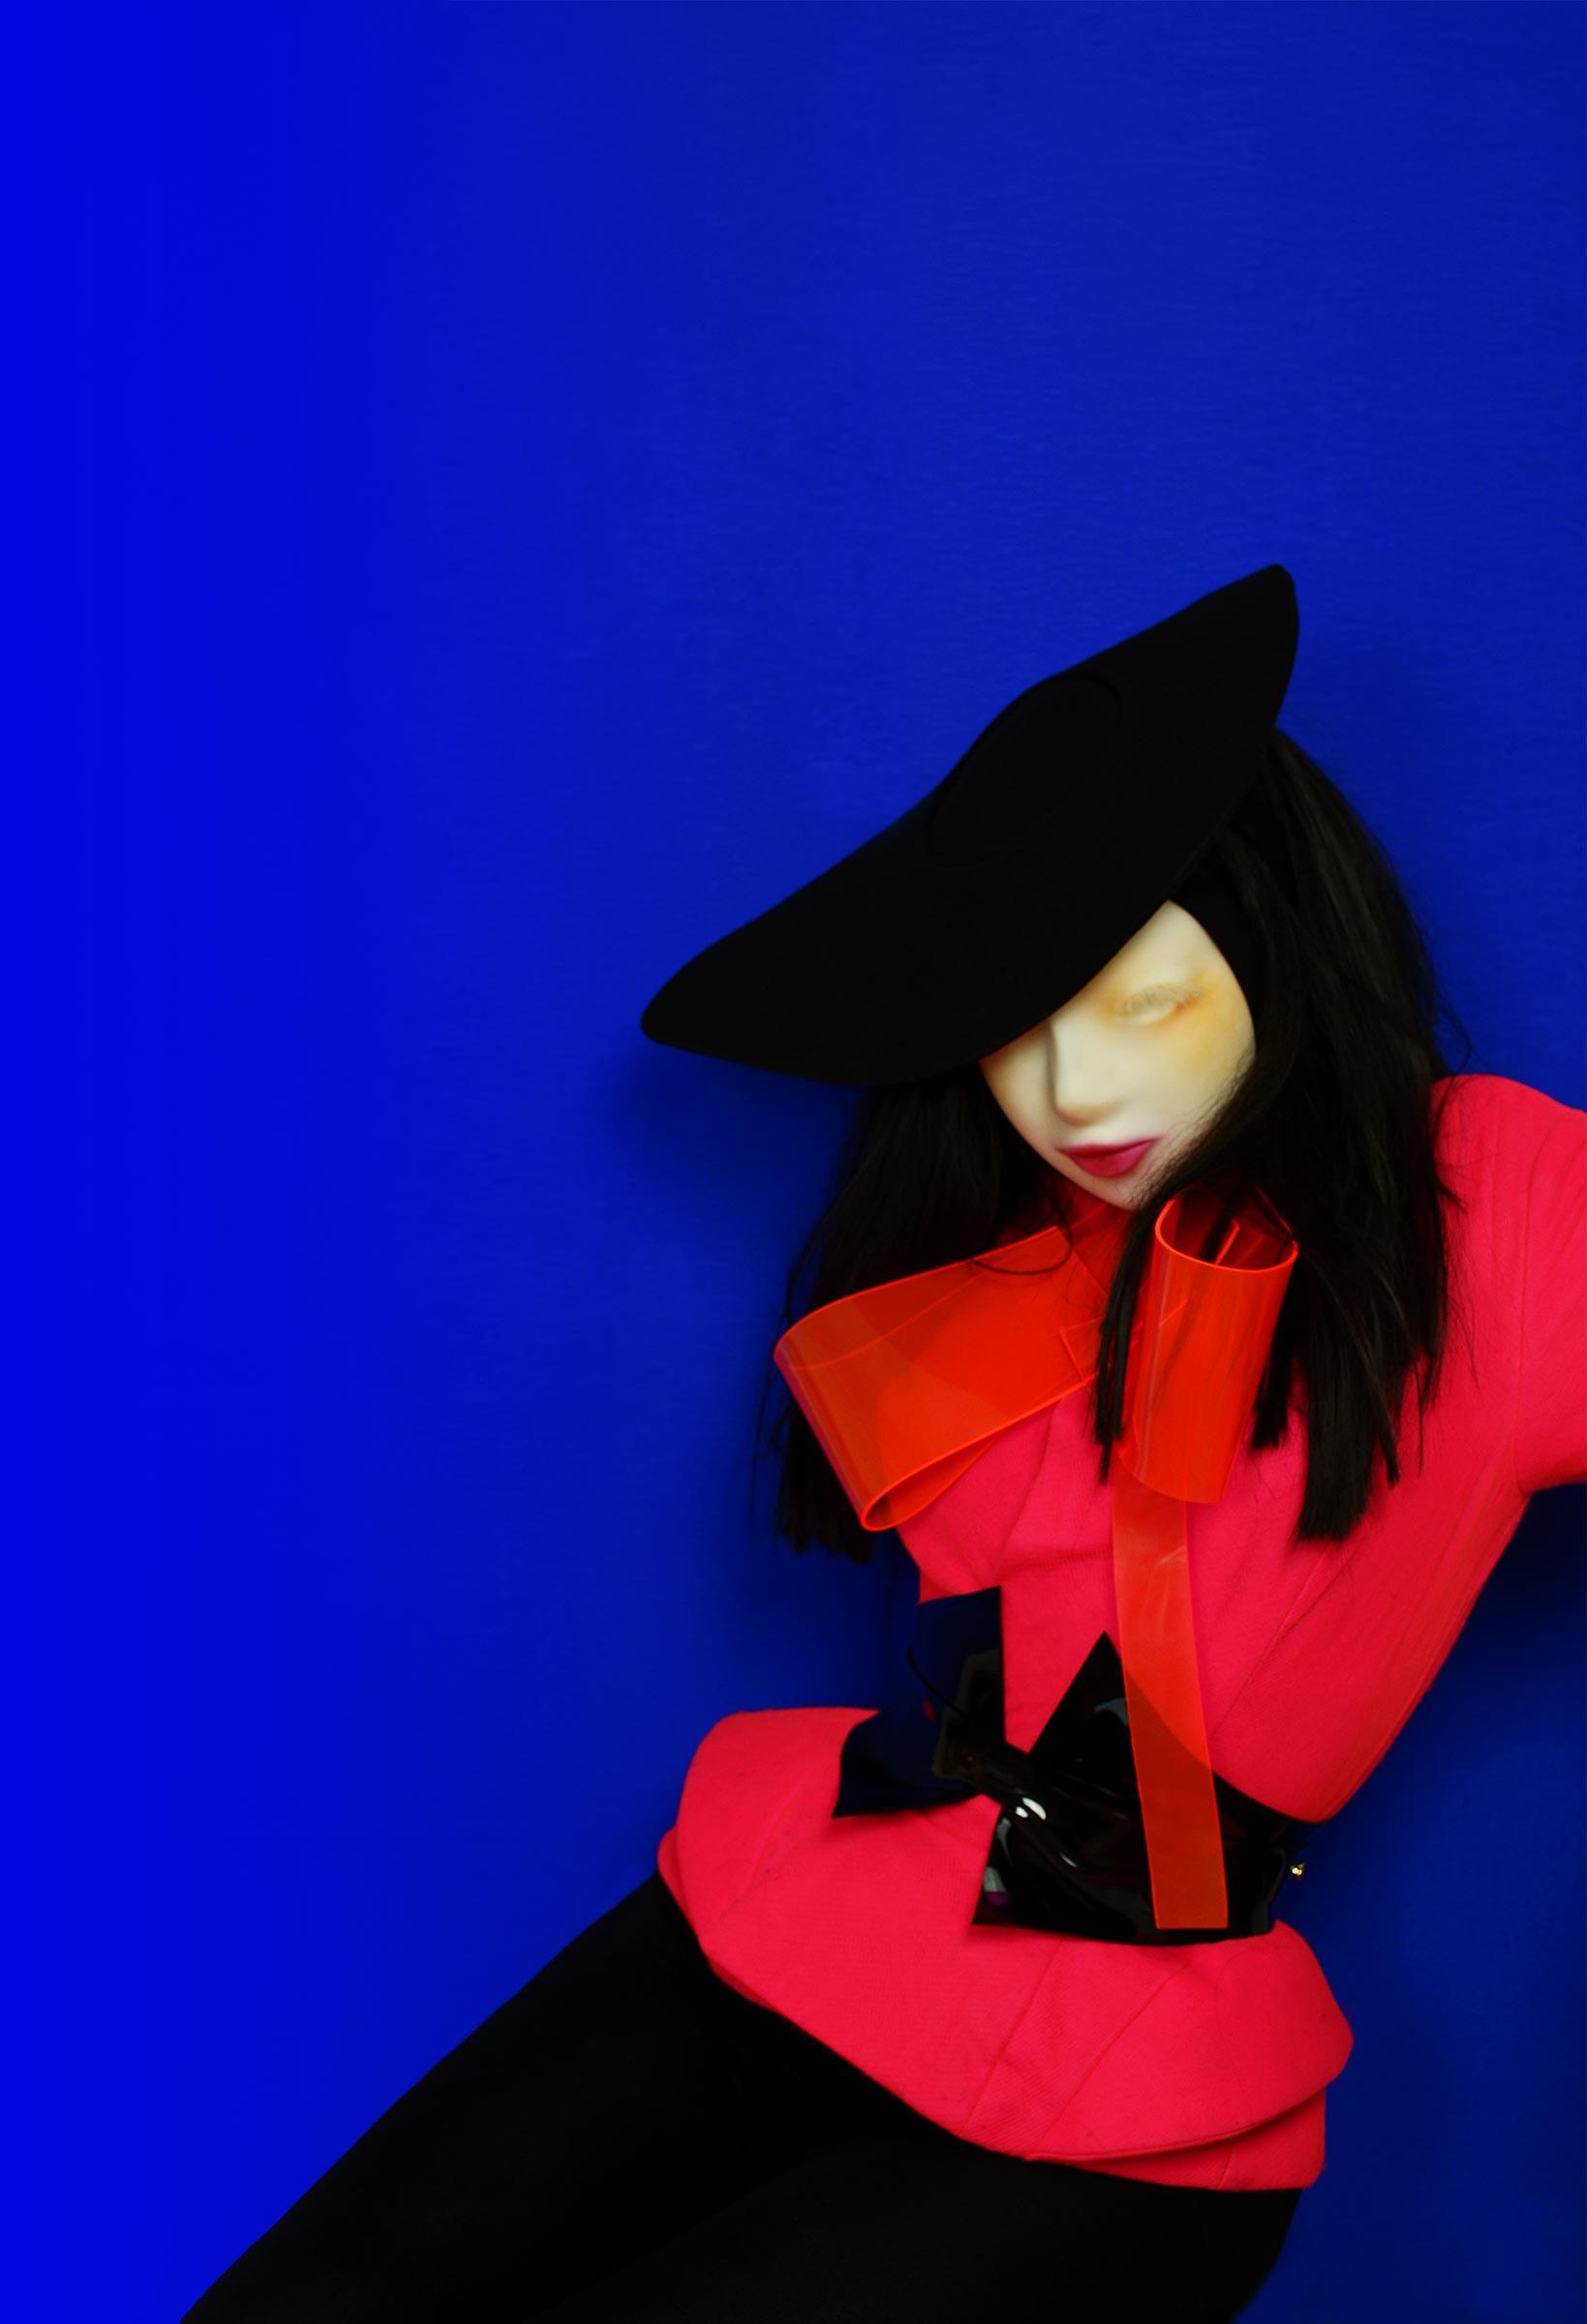 A doll-like woman wears a black cartwheel felt hat, a hot pink peplum jacket and a black vinyl underbust corset belt, made by Milkshaken.net